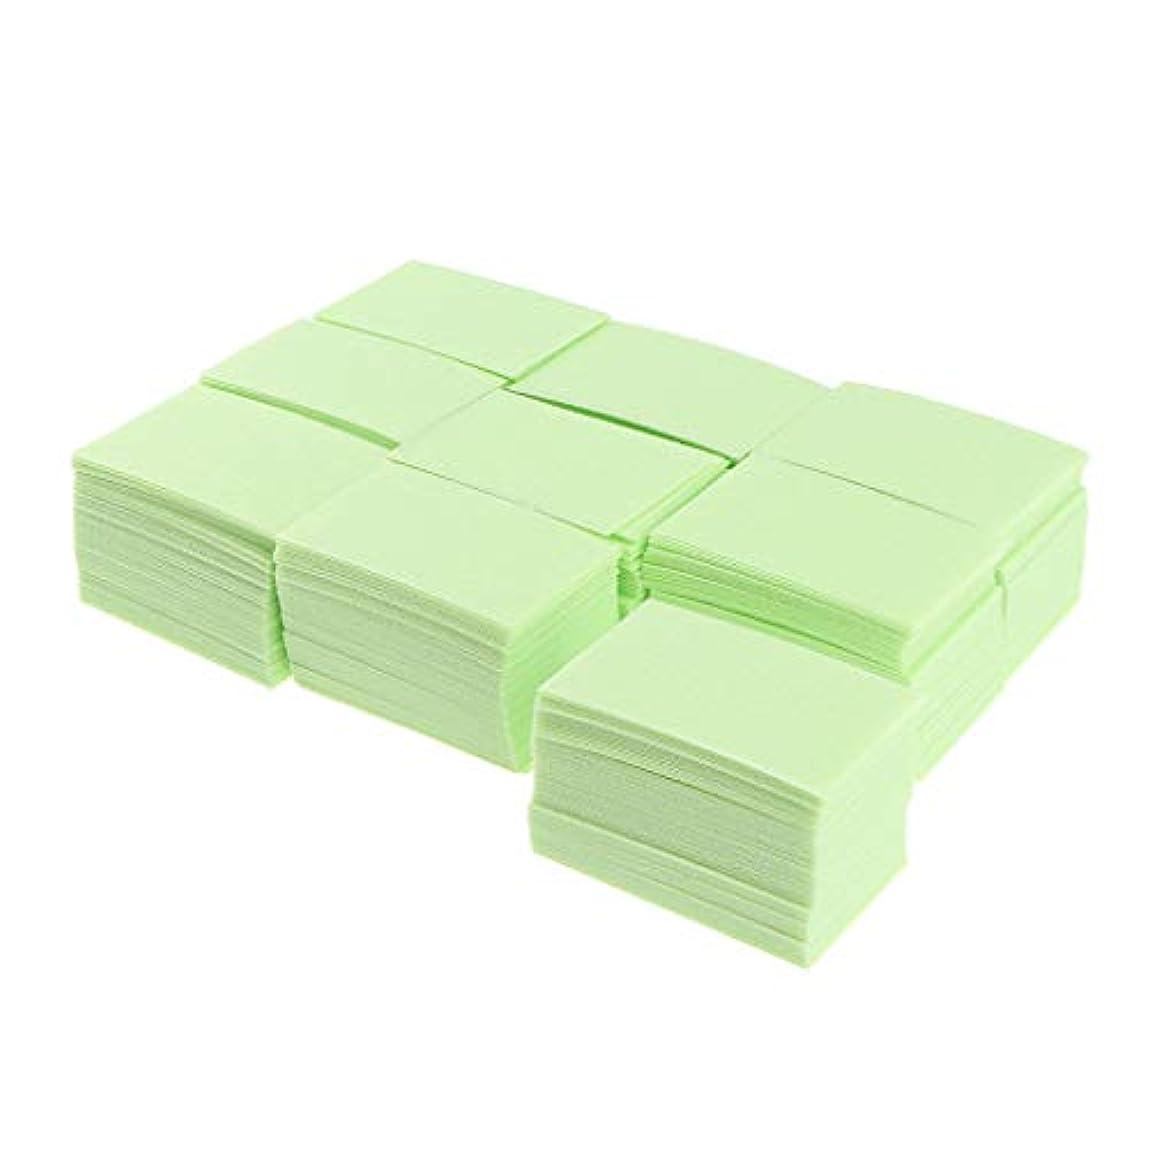 確保する不機嫌そうな好むB Blesiya 約700枚 ネイルポリッシュリムーバー 綿パッド ネイルアート マニキュア 2色選べ - 緑